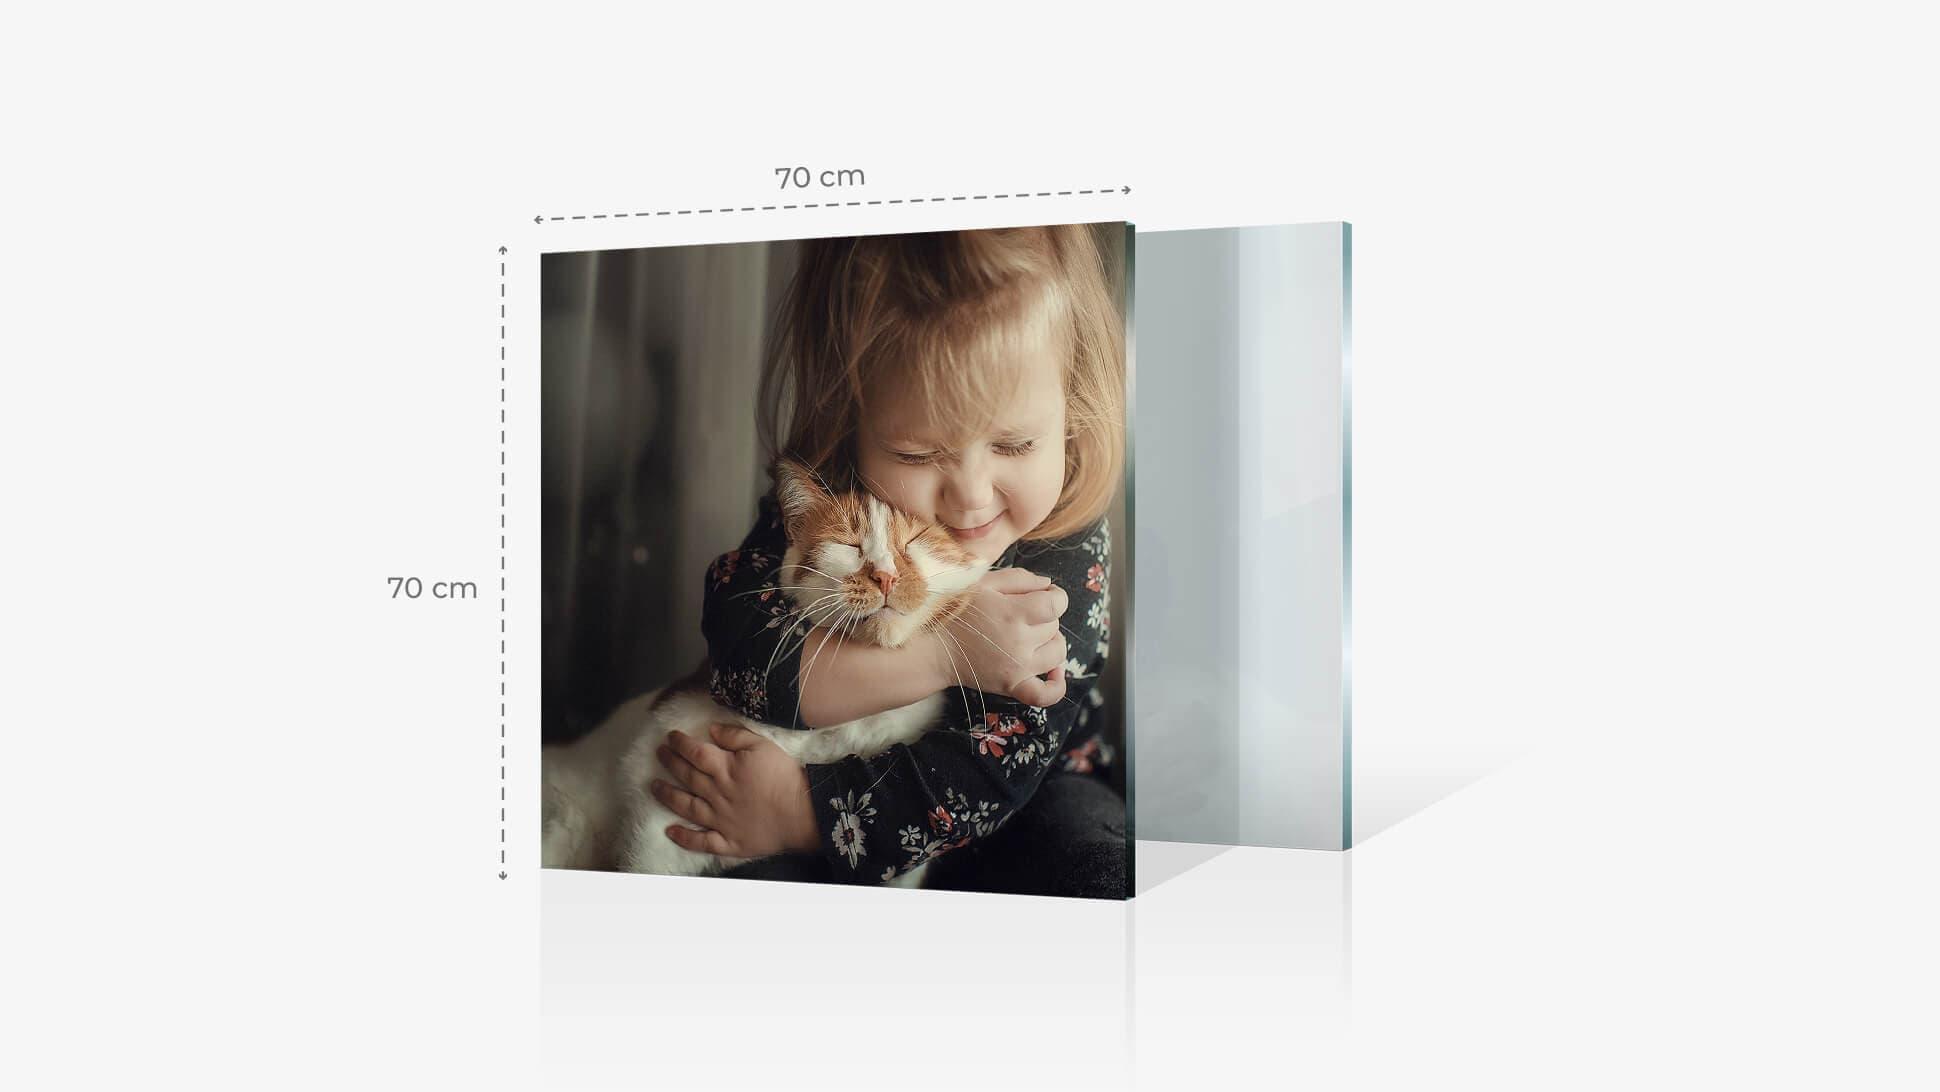 Foto su vetro acrilico 70x70 cm con grafica | tictac.it